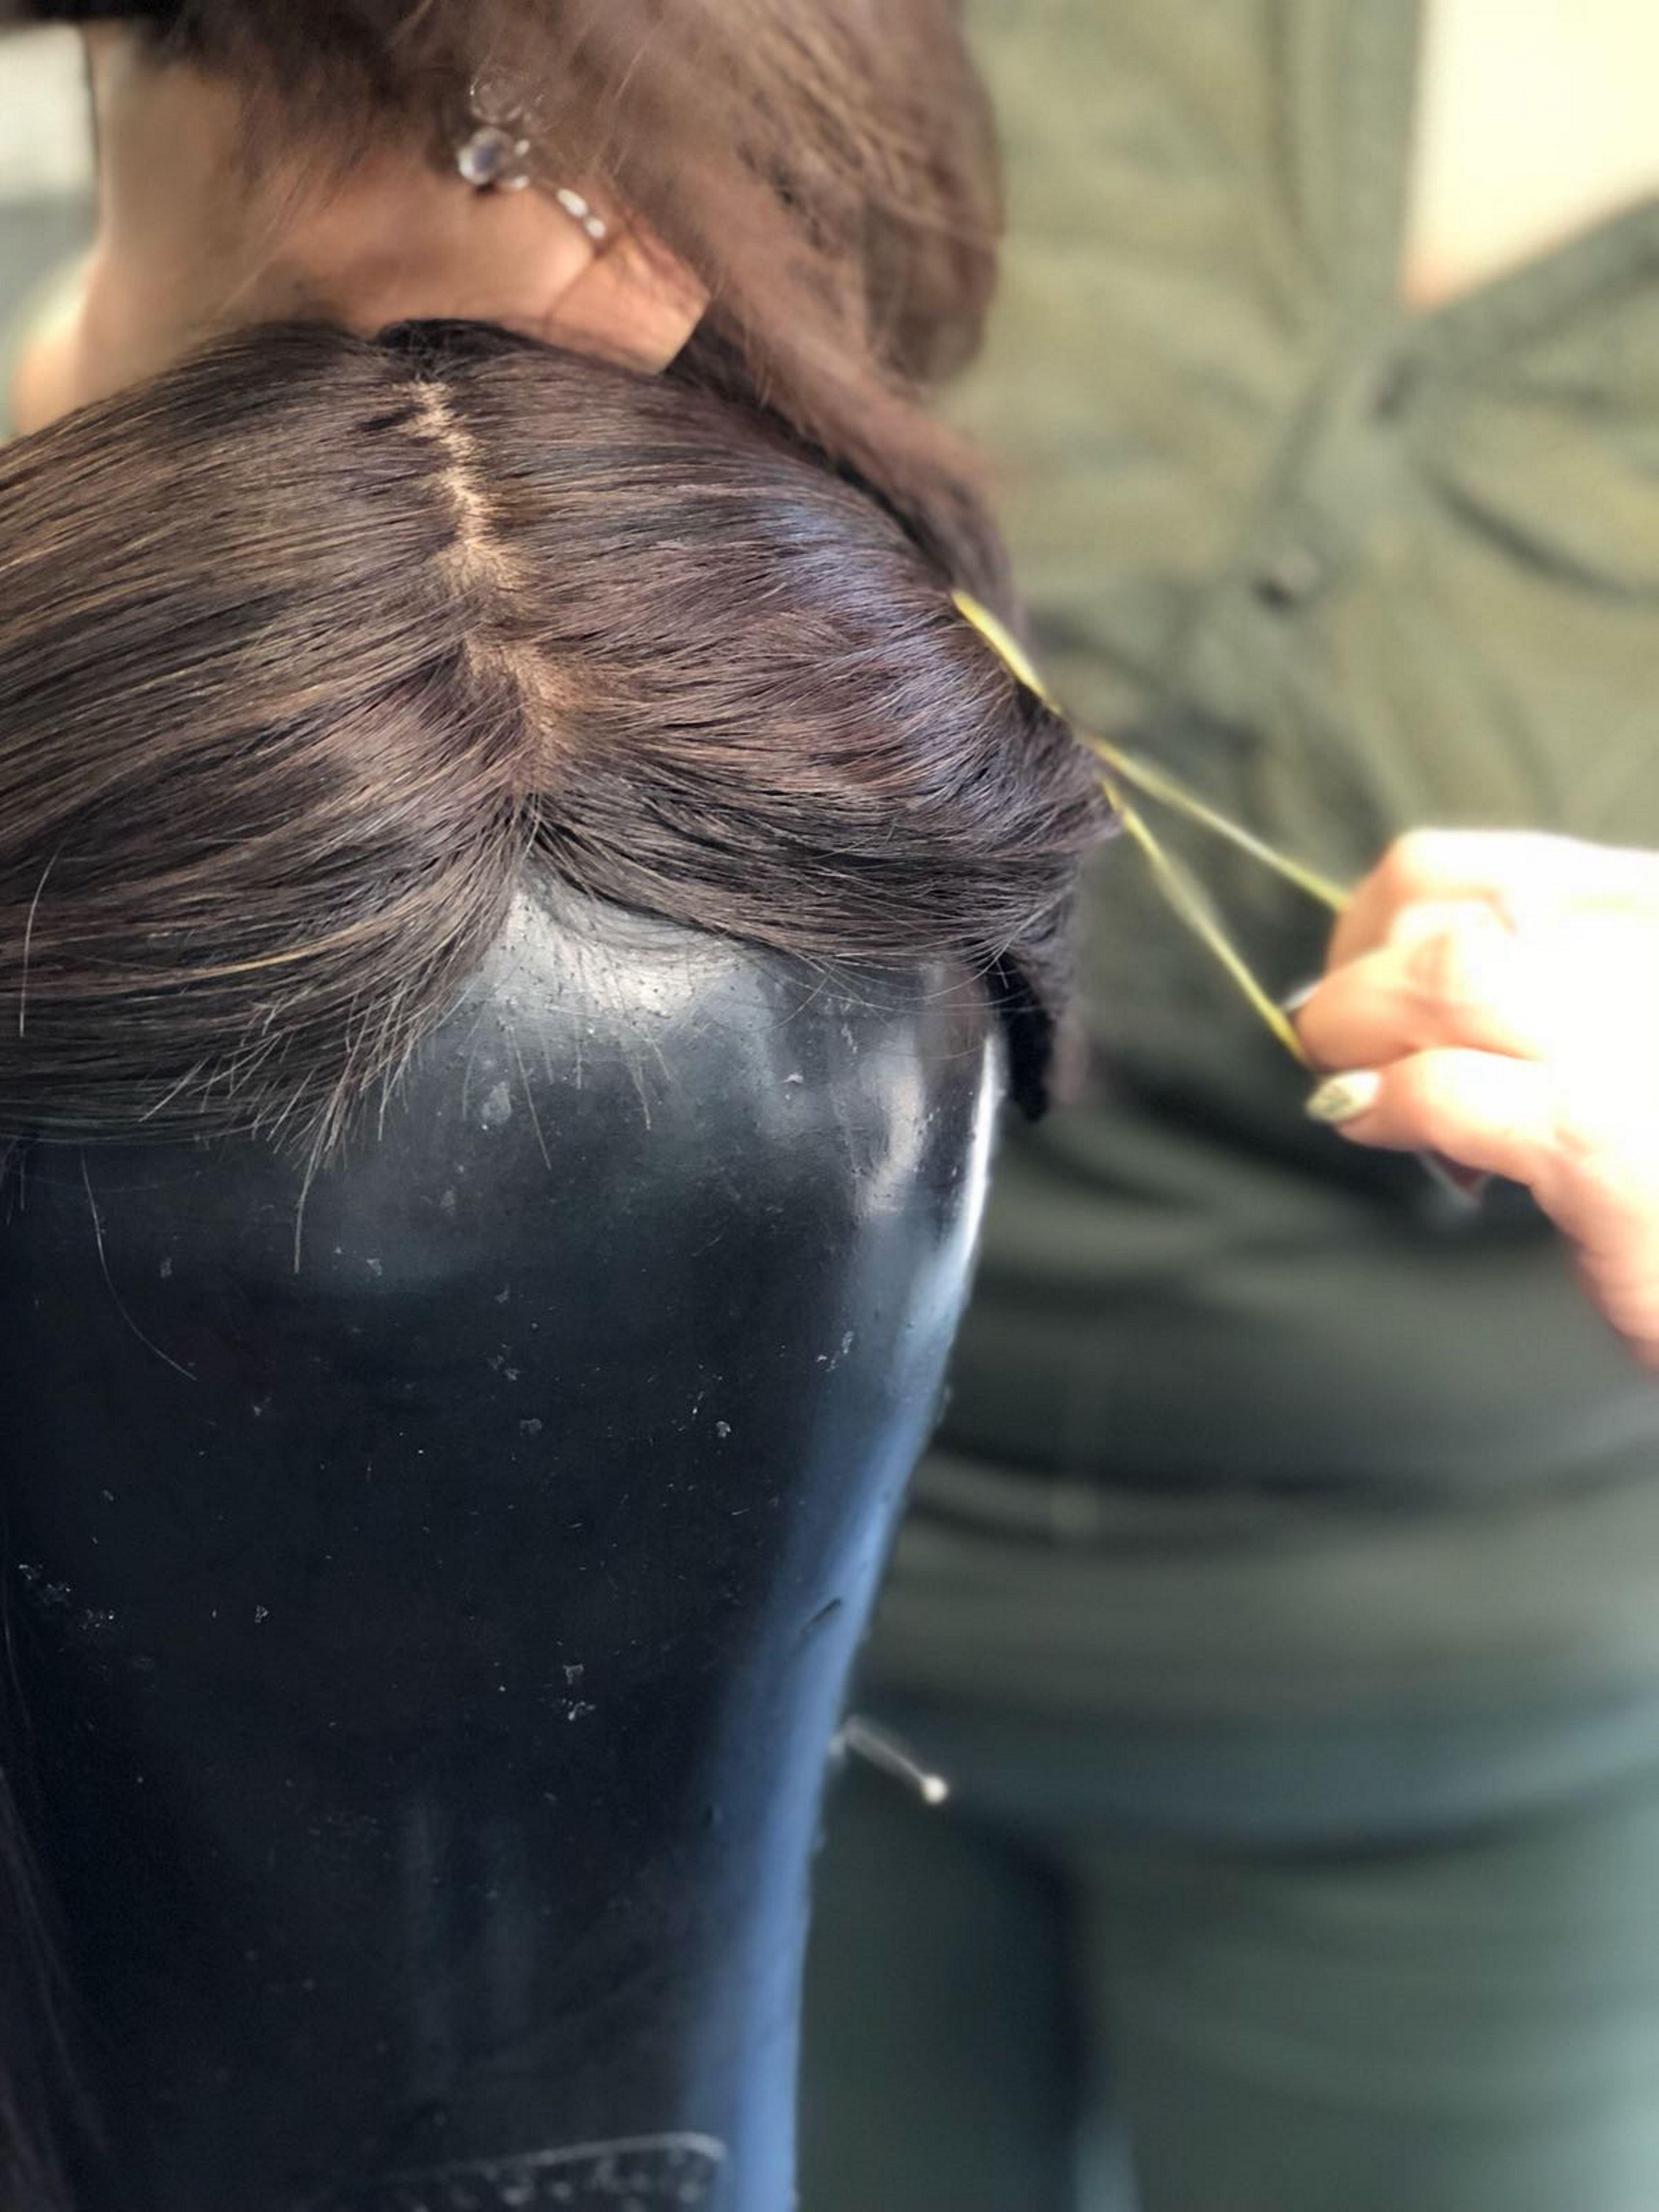 1. פותחים שביל אמצע ואוספים את השיער מתוח לשתי קוקיות